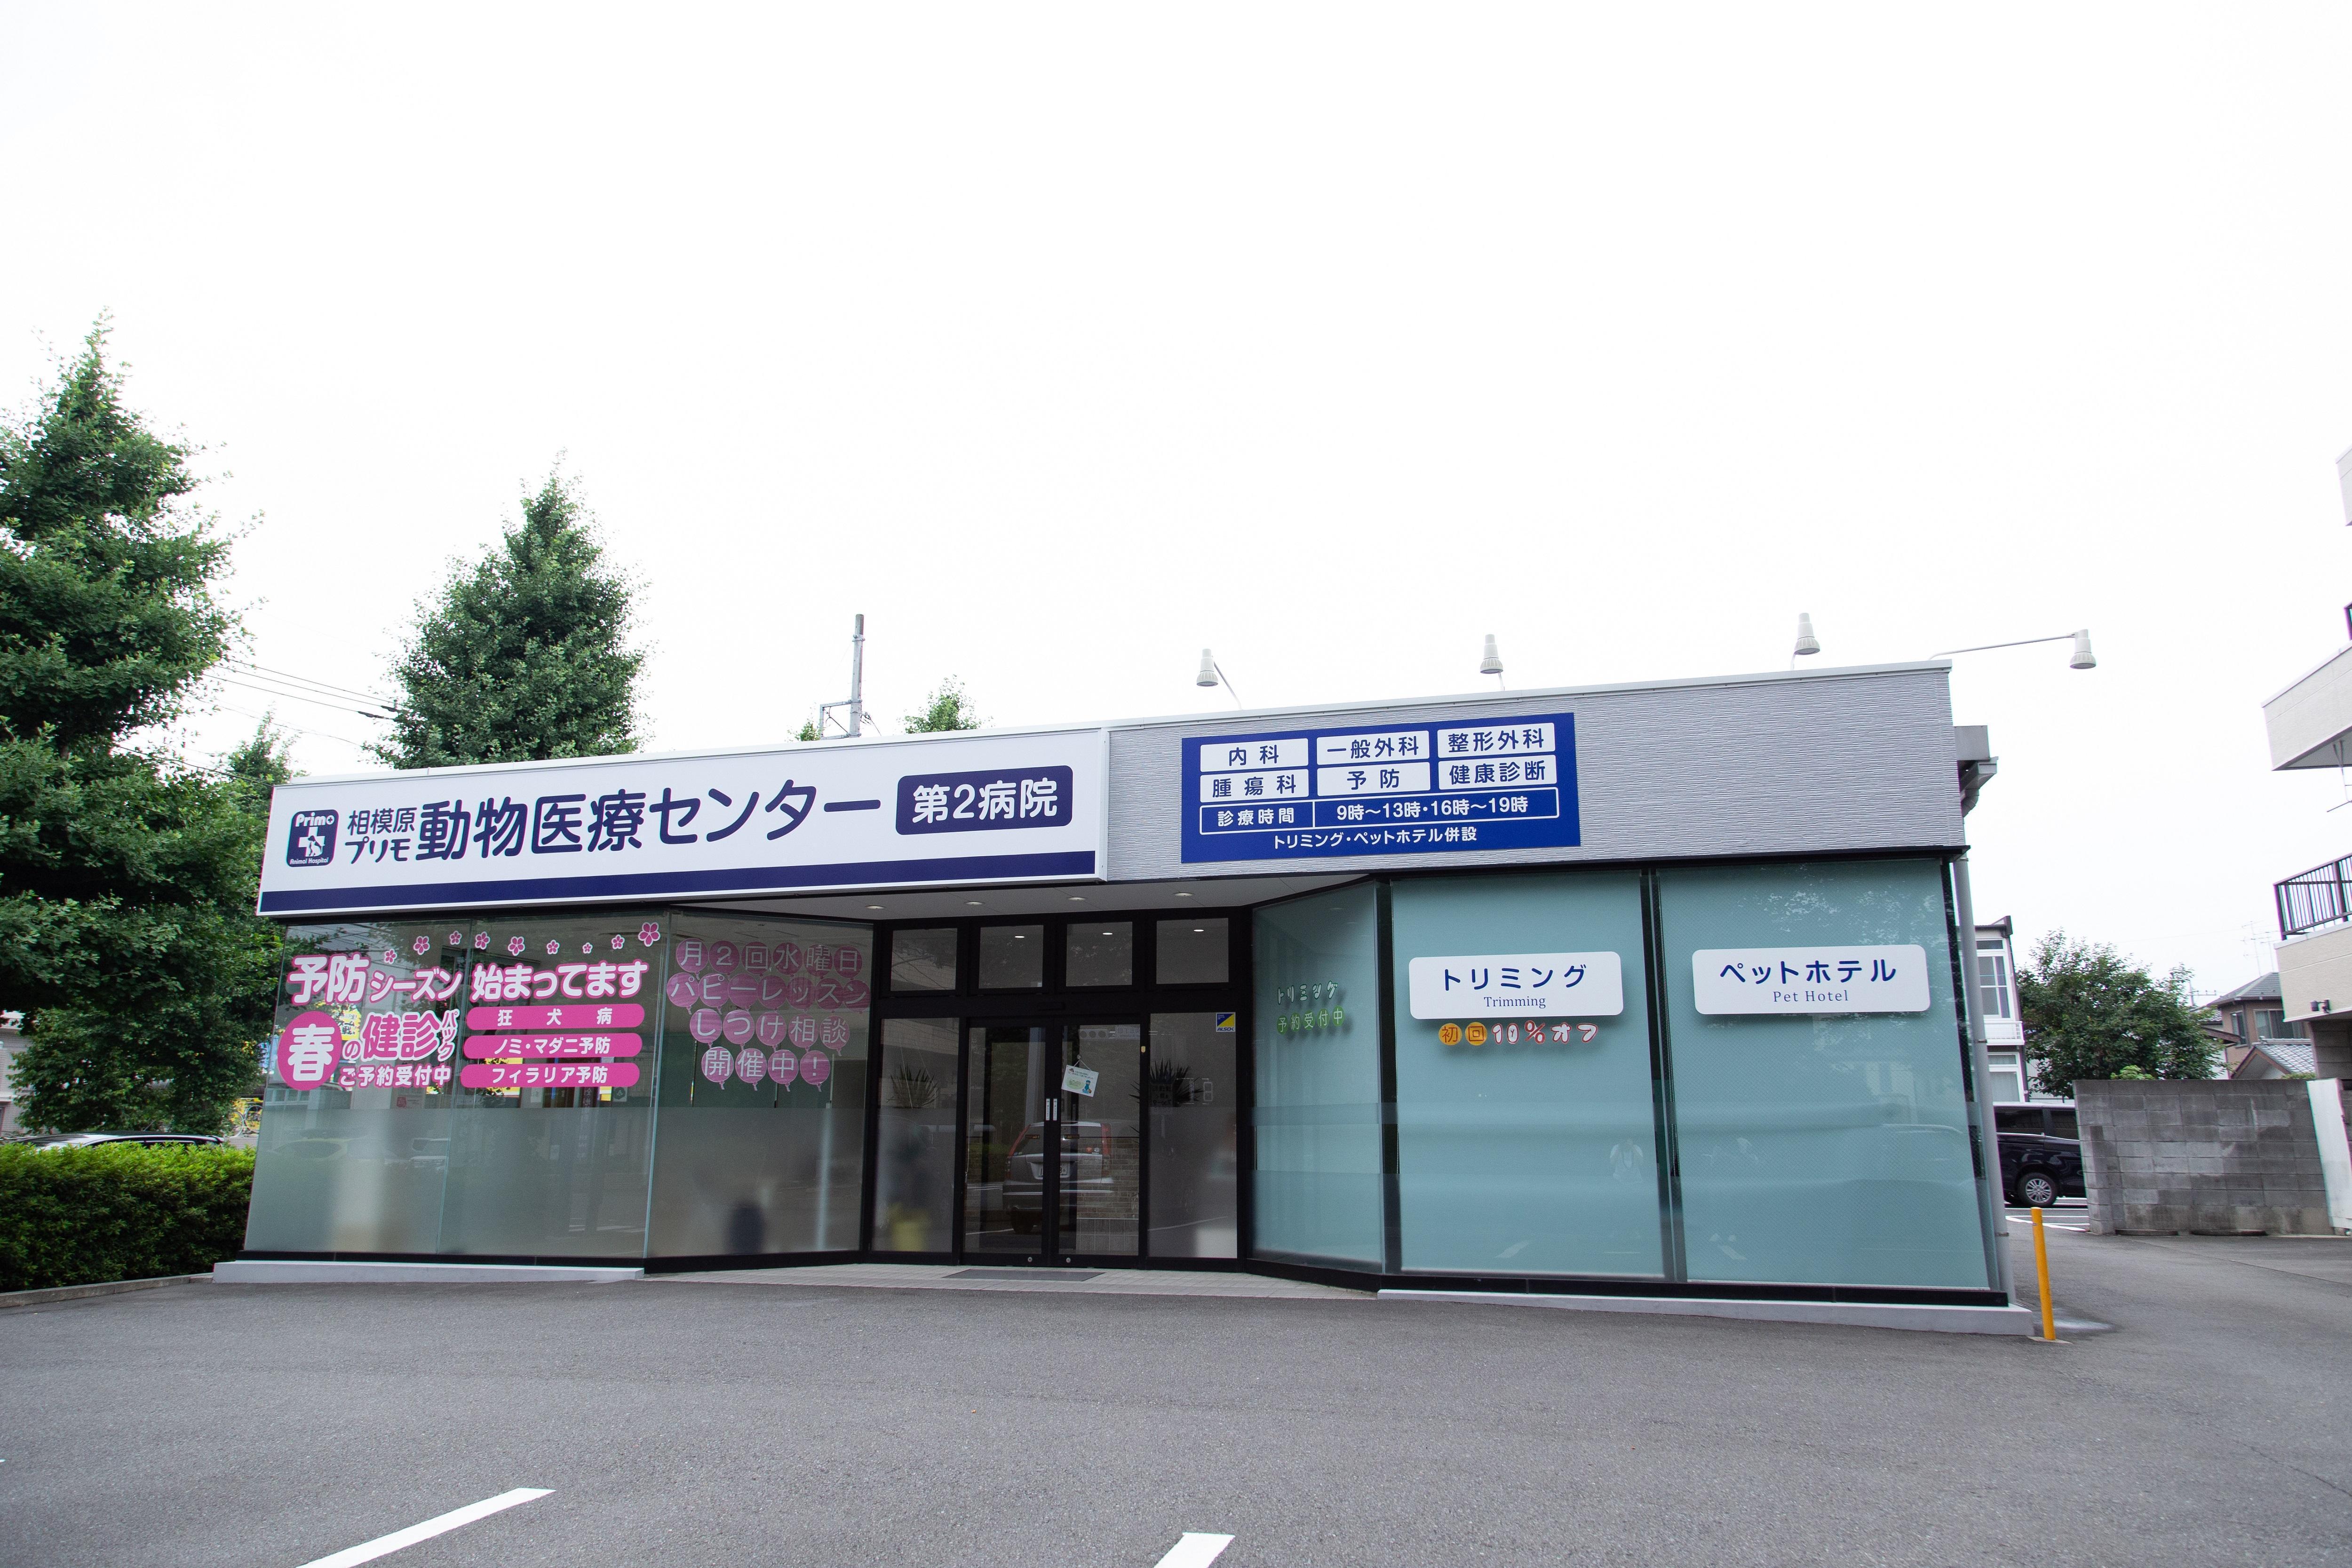 【夜間専任 獣医師募集】正社員 プリモ動物病院グループ